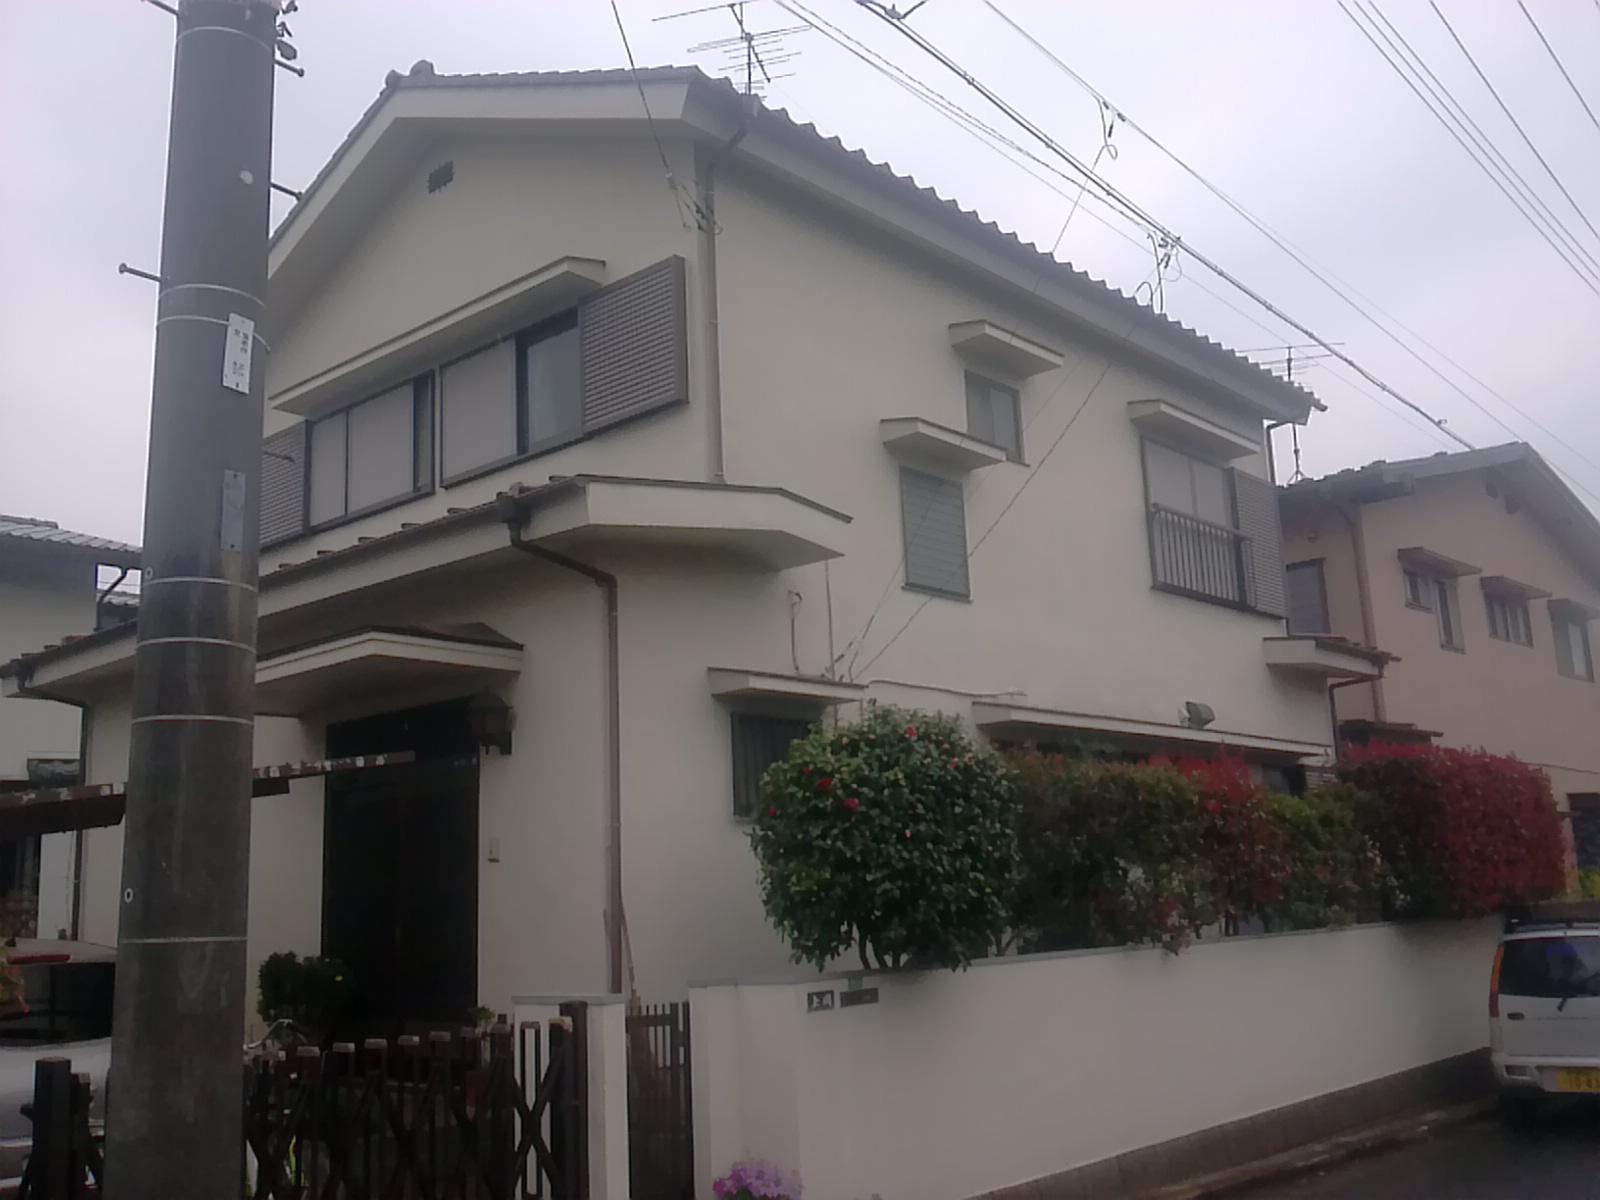 船橋市K様邸 屋根・外壁塗装 Before